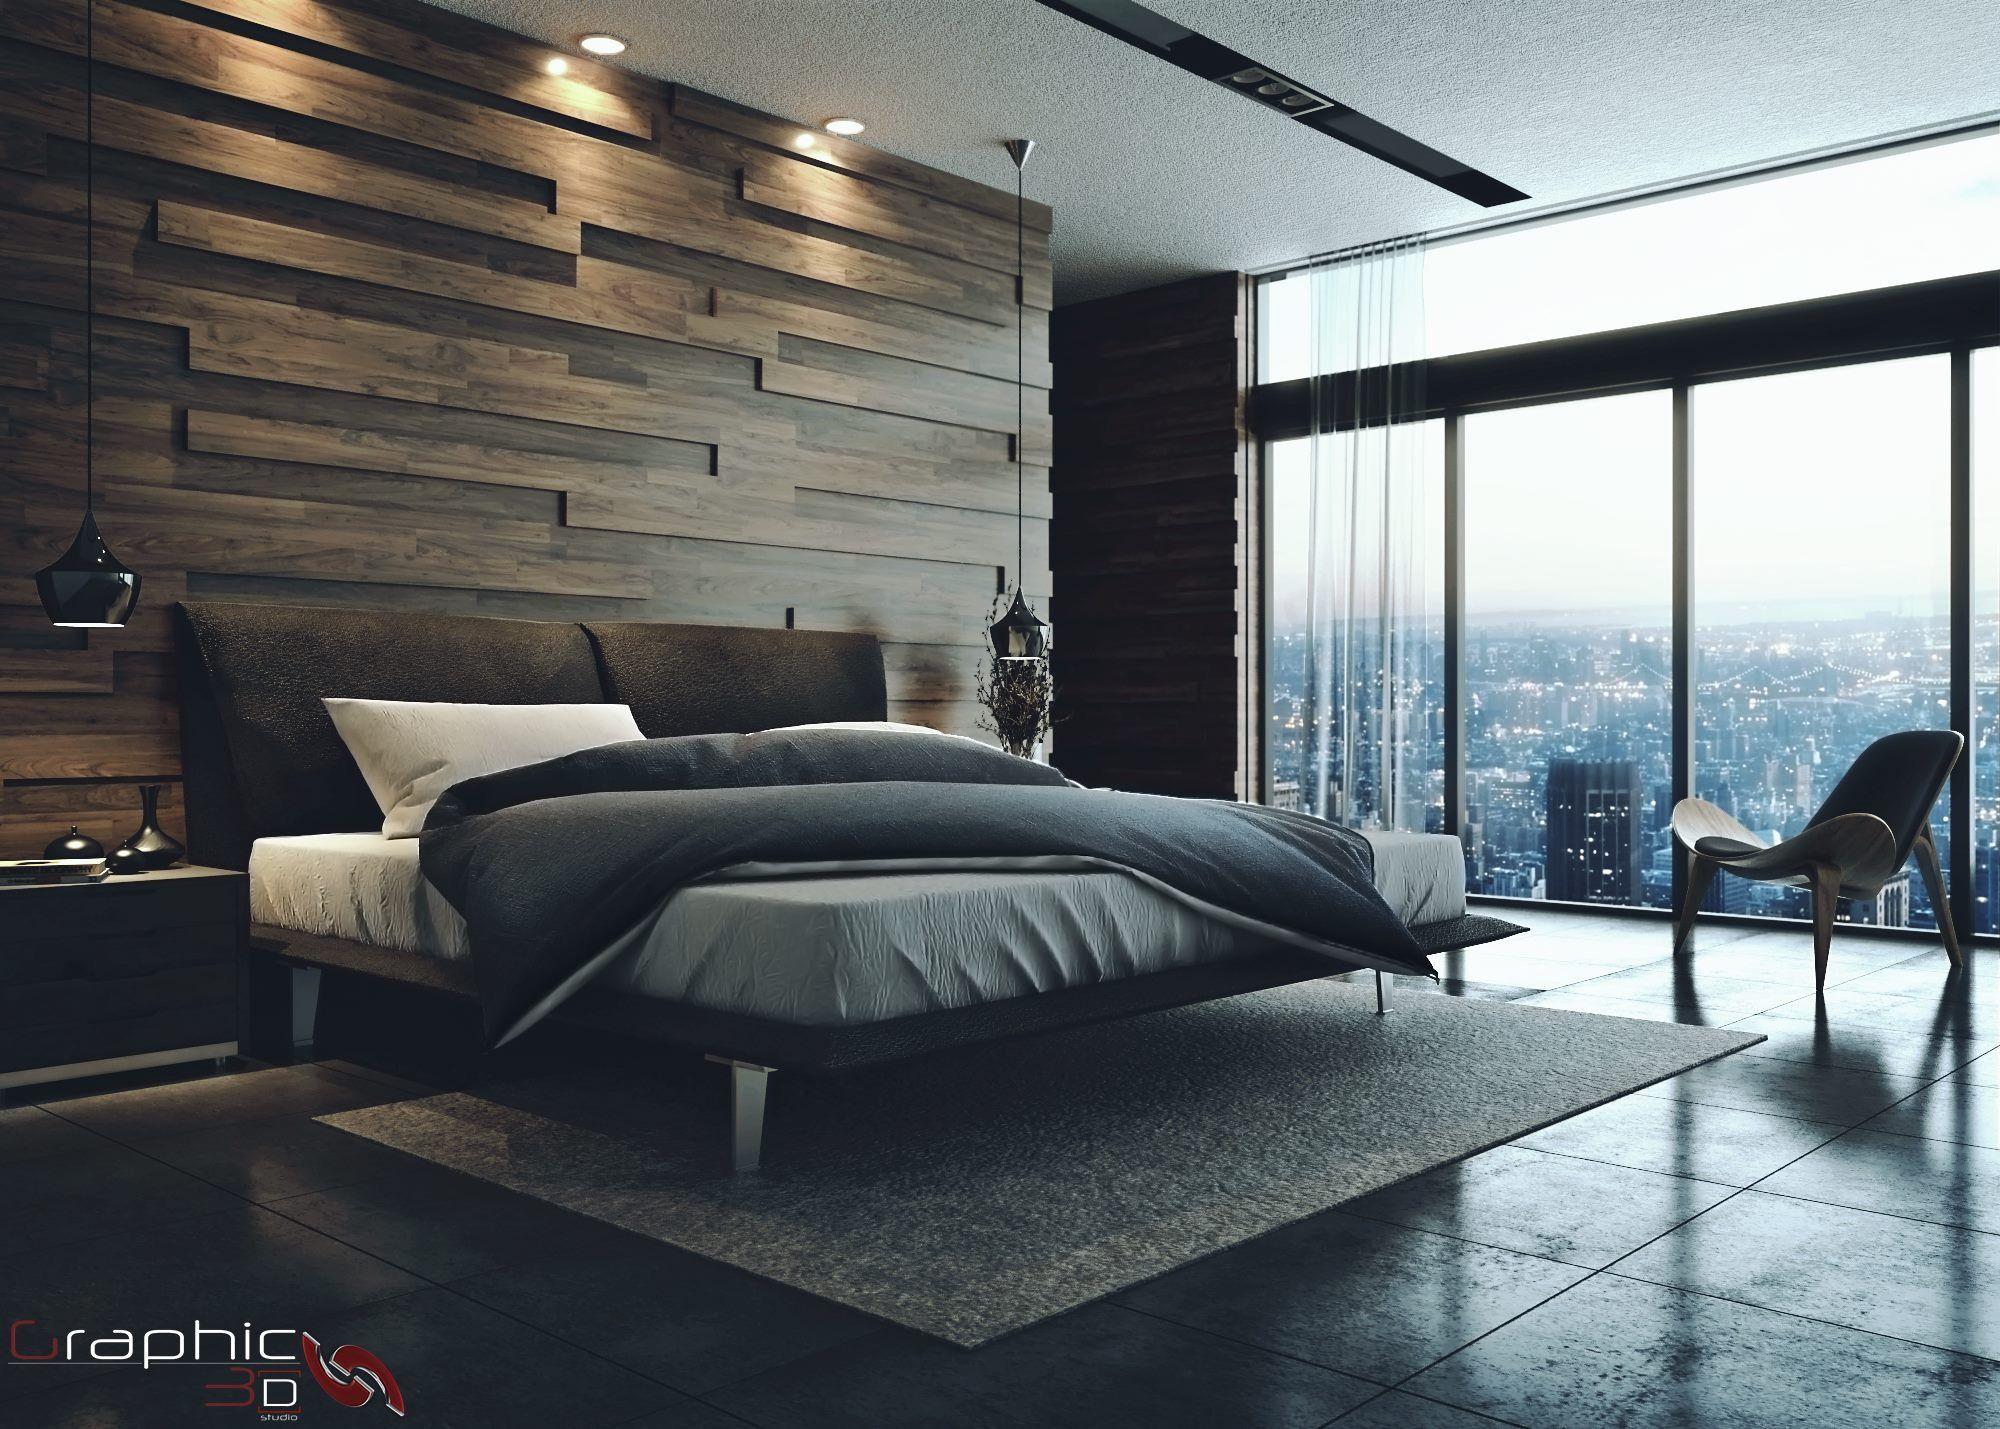 Moderne Slaapkamer Ontwerpen : Pin van aysu sevgi op decorations slaapkamer